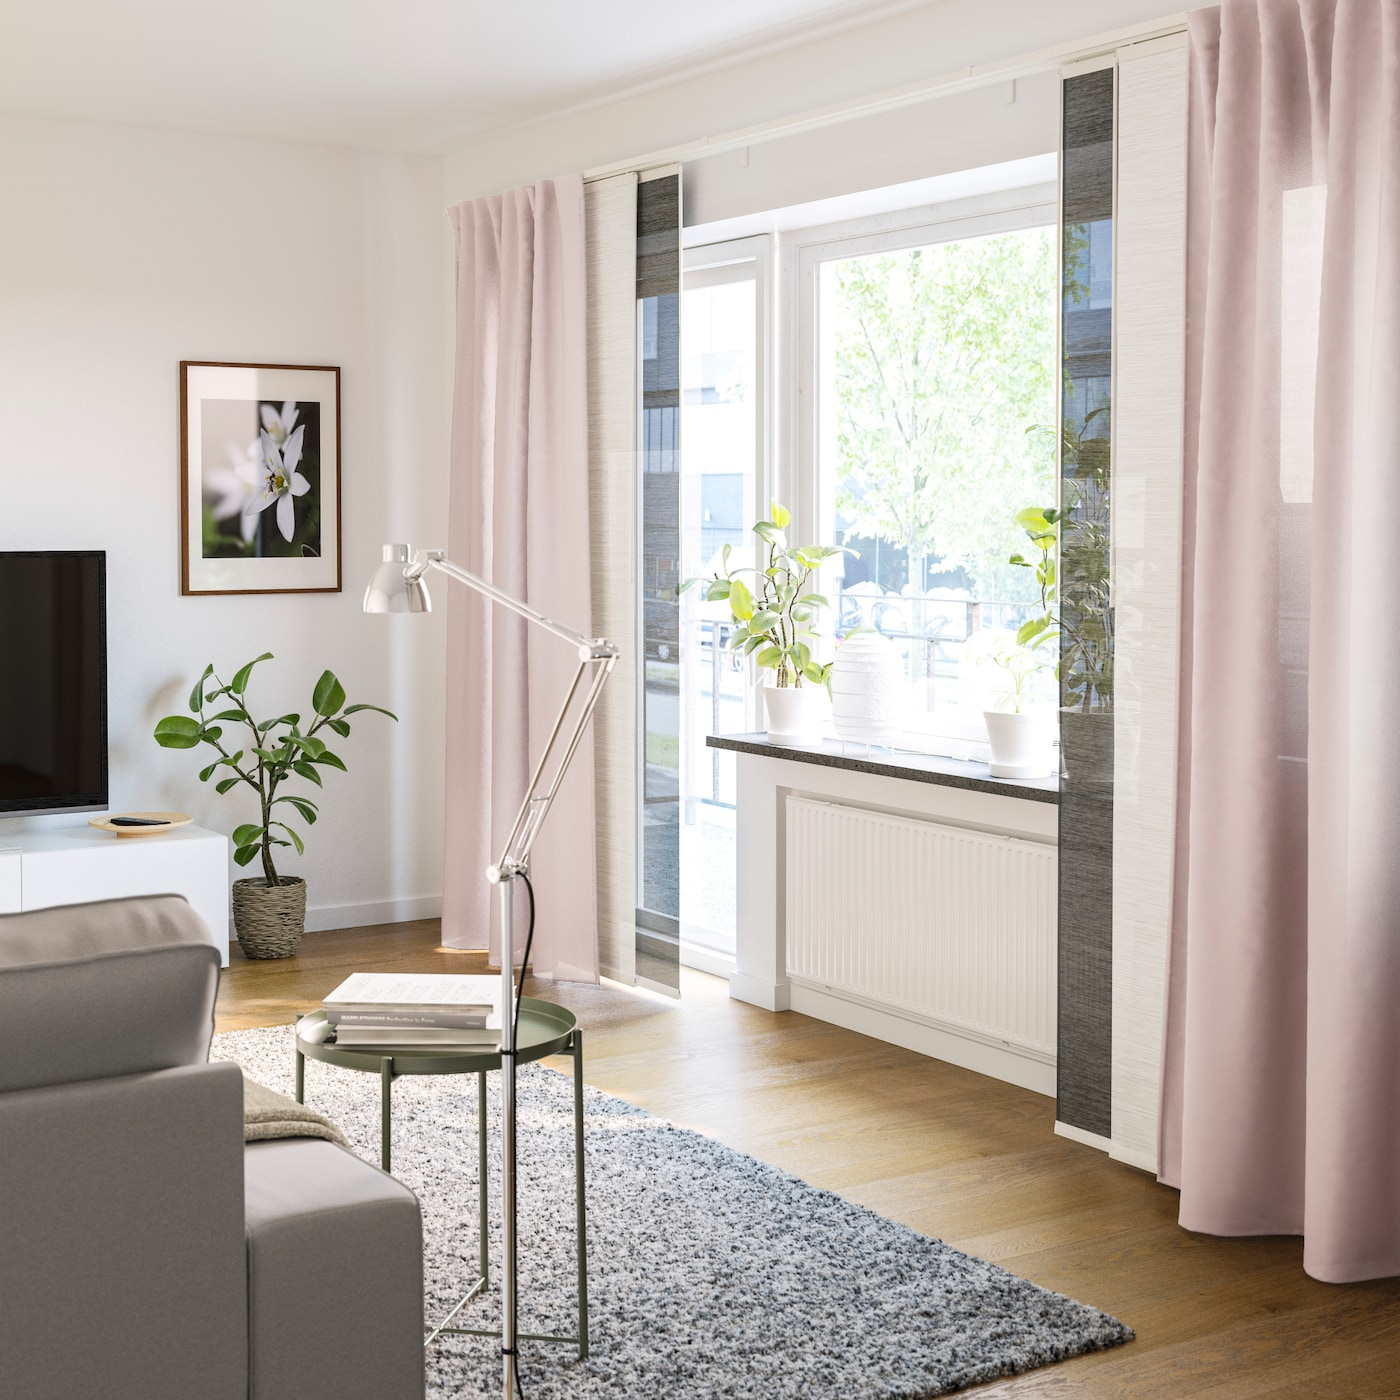 Full Size of Schlafzimmer Ikea Wei Wohnzimmer Ideen Landhaus Ianewinccom Eckschrank Küche Badezimmer Spiegelschrank Mit Beleuchtung Einbauküche Ohne Kühlschrank Bett Wohnzimmer Schrank Dachschräge Hinten Ikea